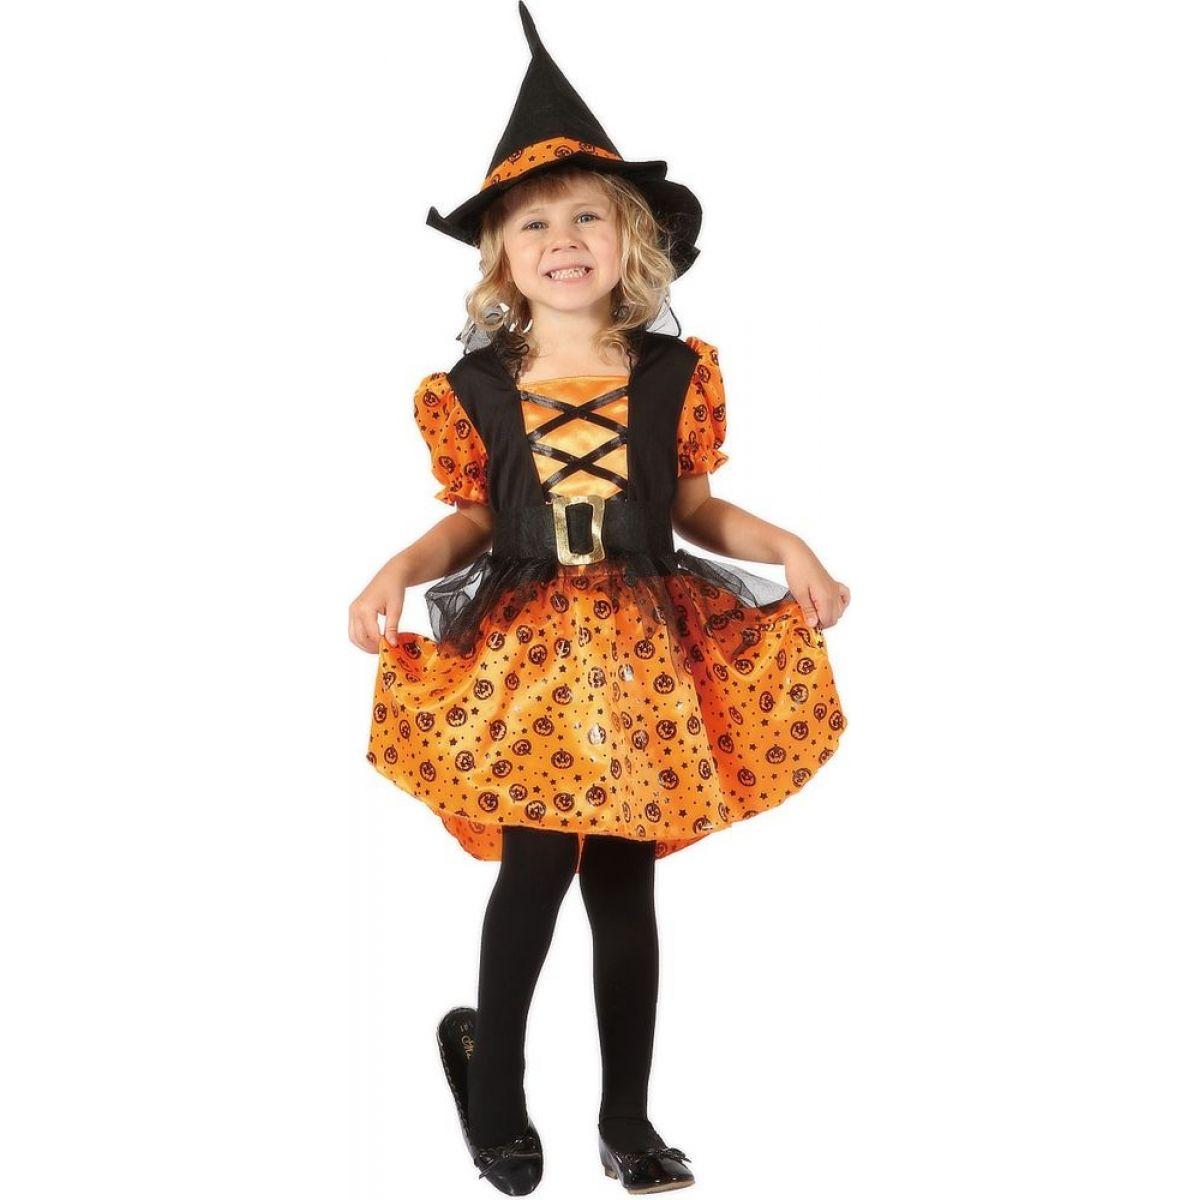 Made Detský kostým Čarodejnica oranžová 92-104cm